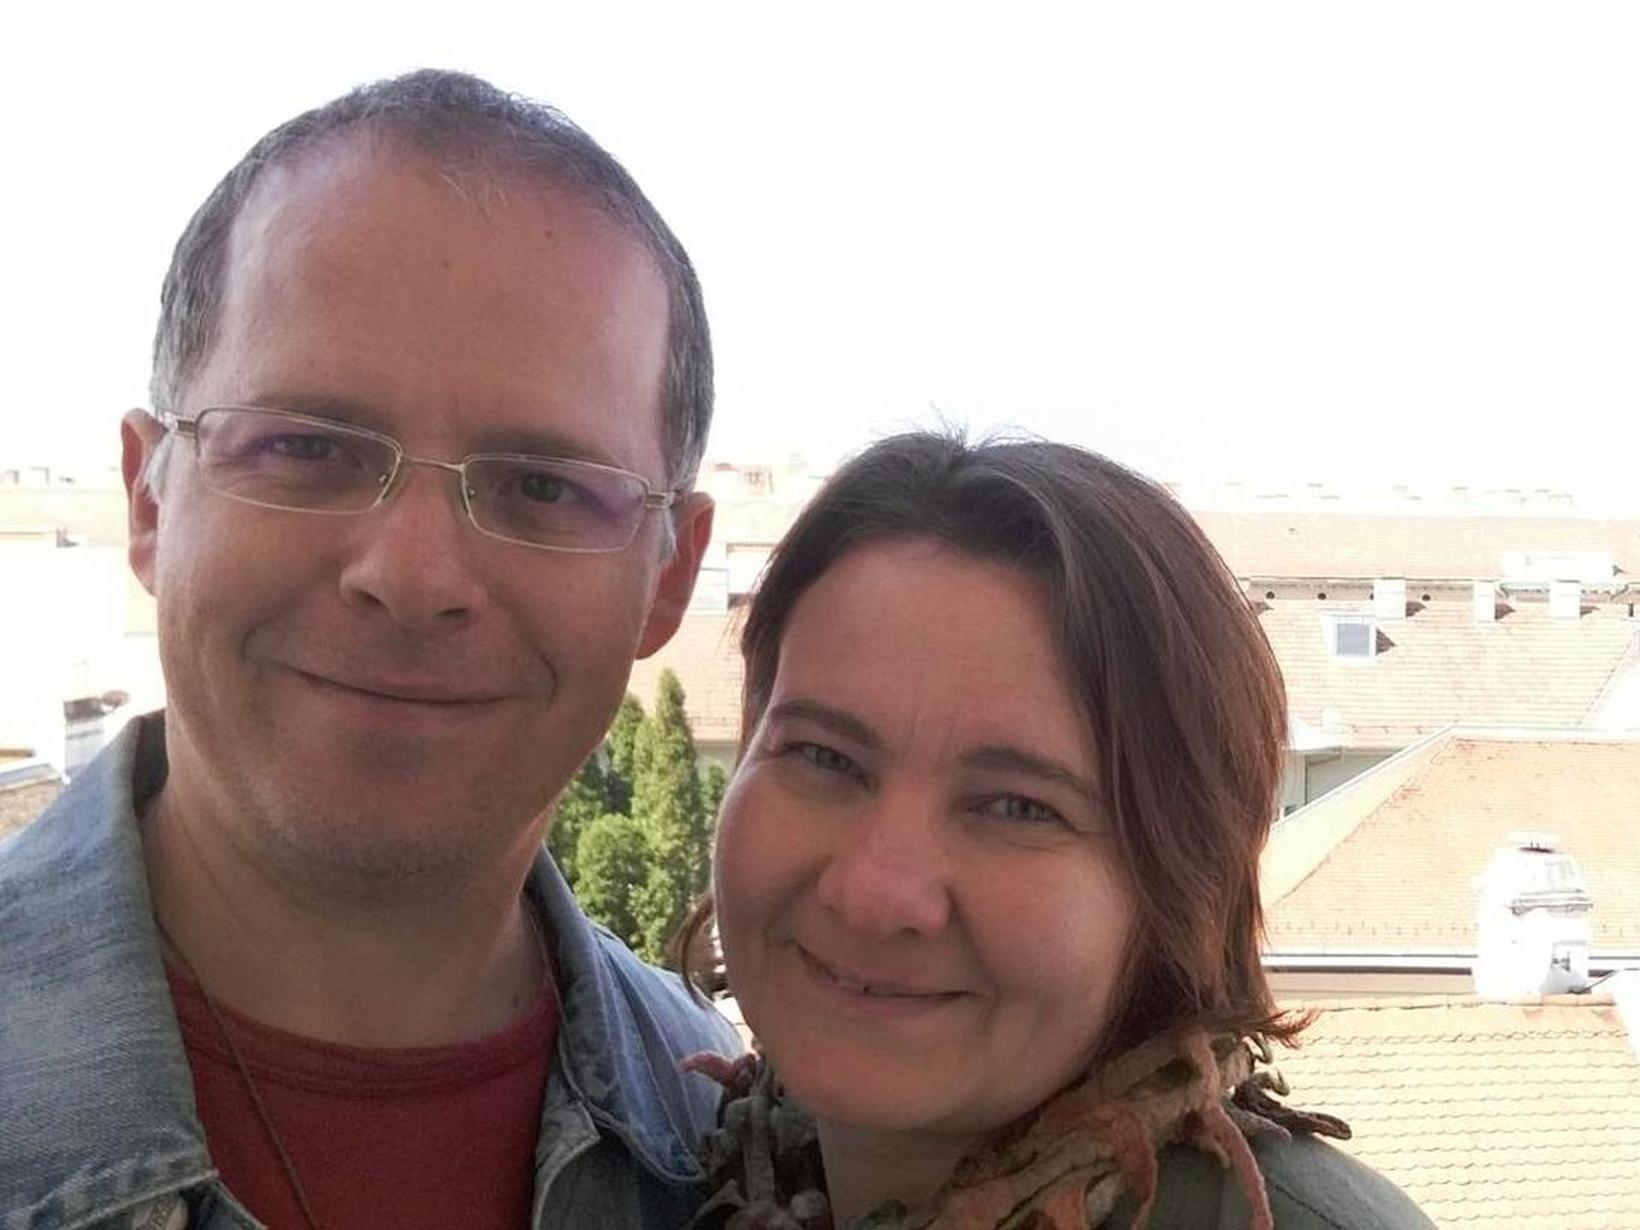 Bernadett & Jeno from Maidstone, United Kingdom